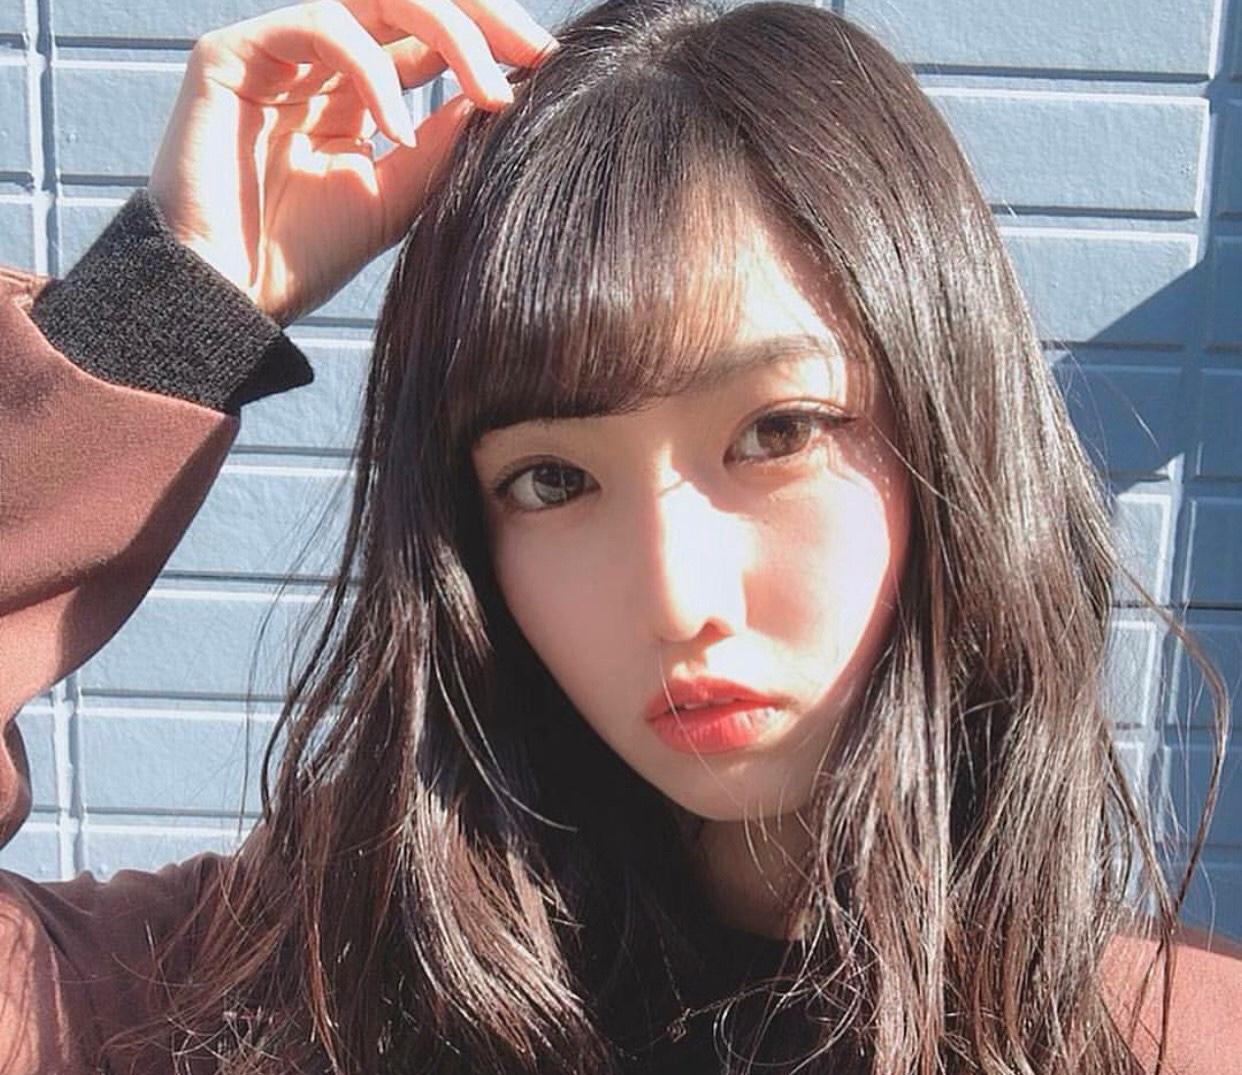 大槻アイリの可愛い画像まとめ【21枚】